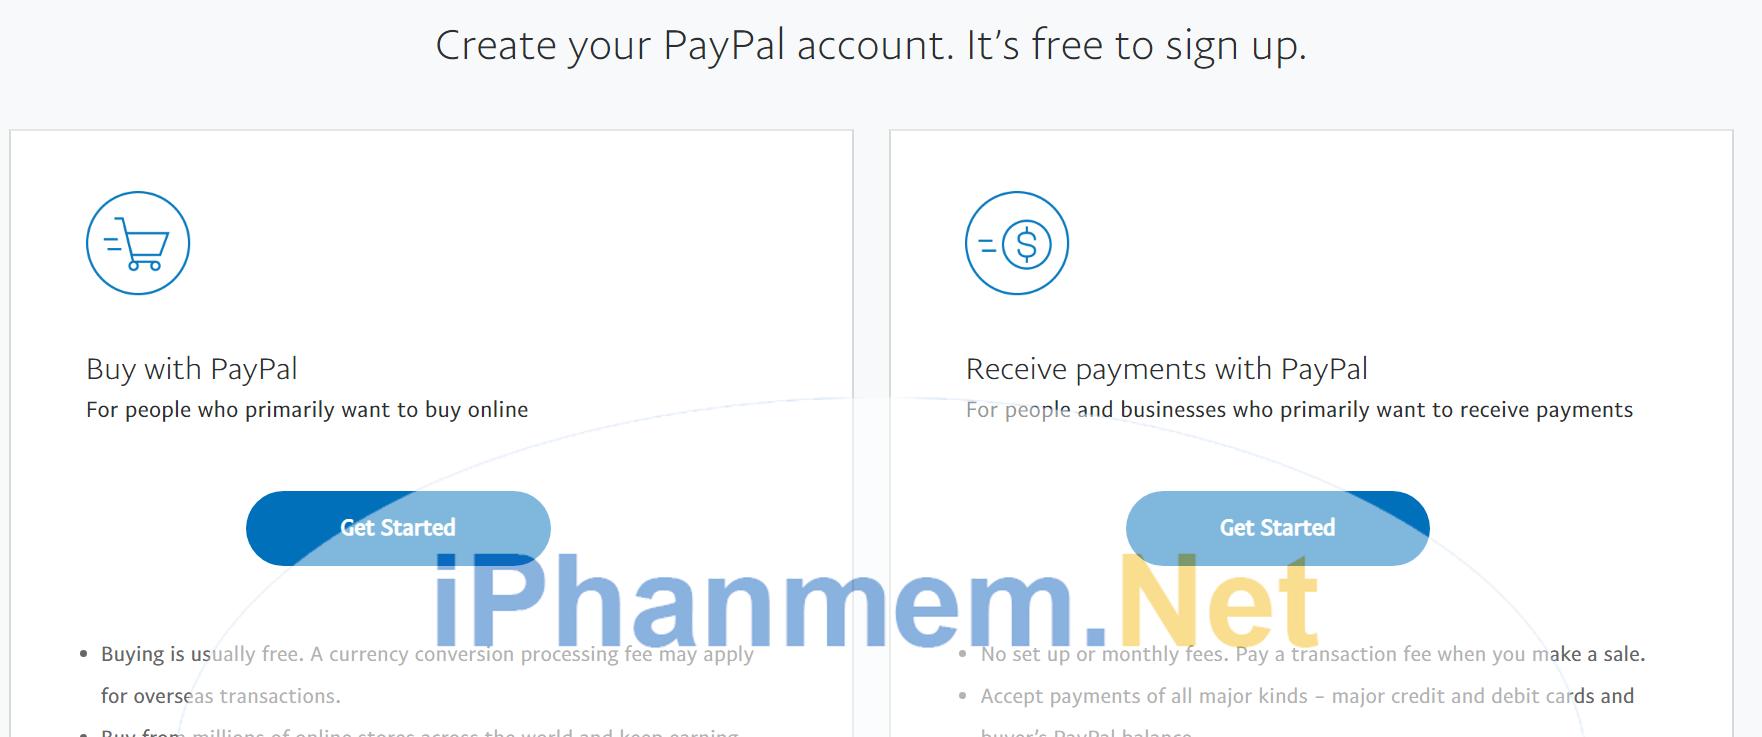 Chọn tài khoản phù hợp với nhu cầu đễ đăng ký